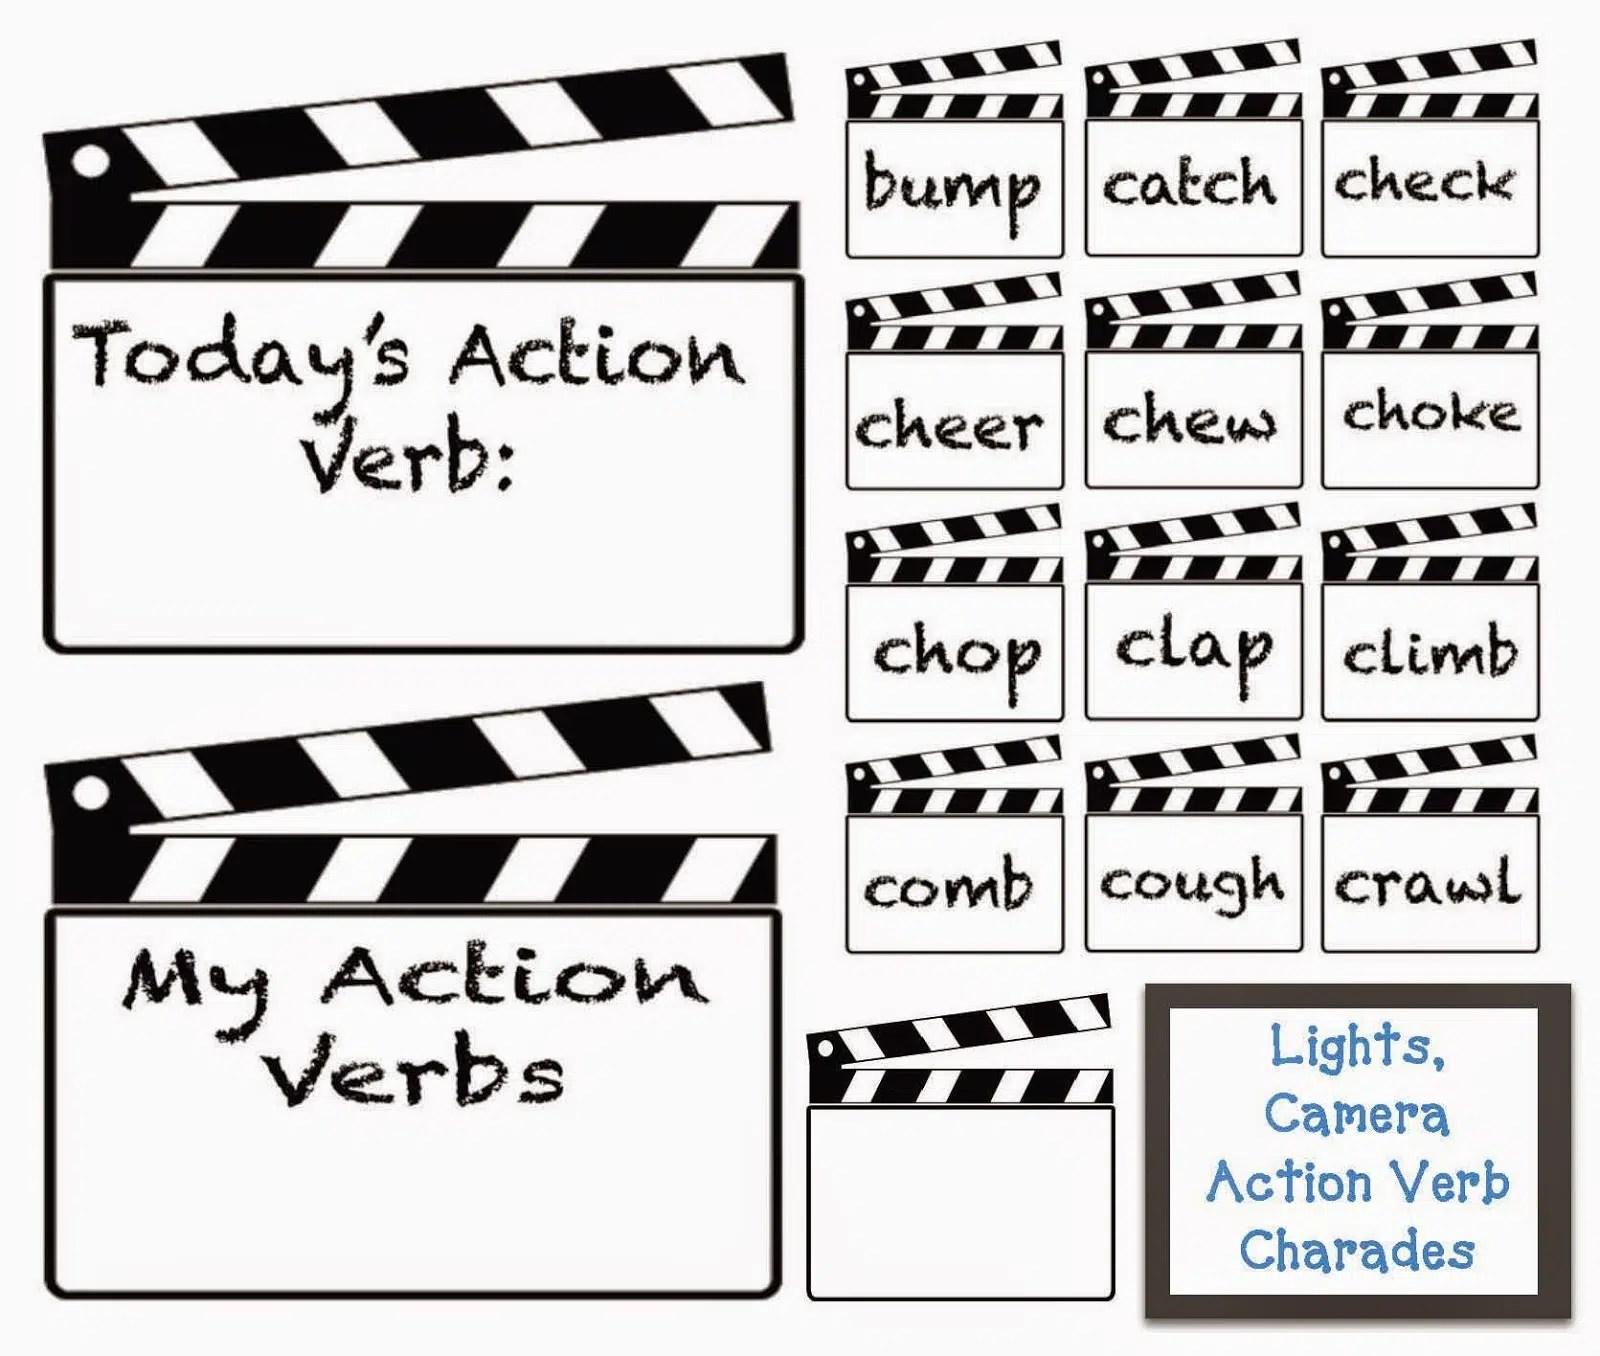 Lights Camera Action Verbs Charades